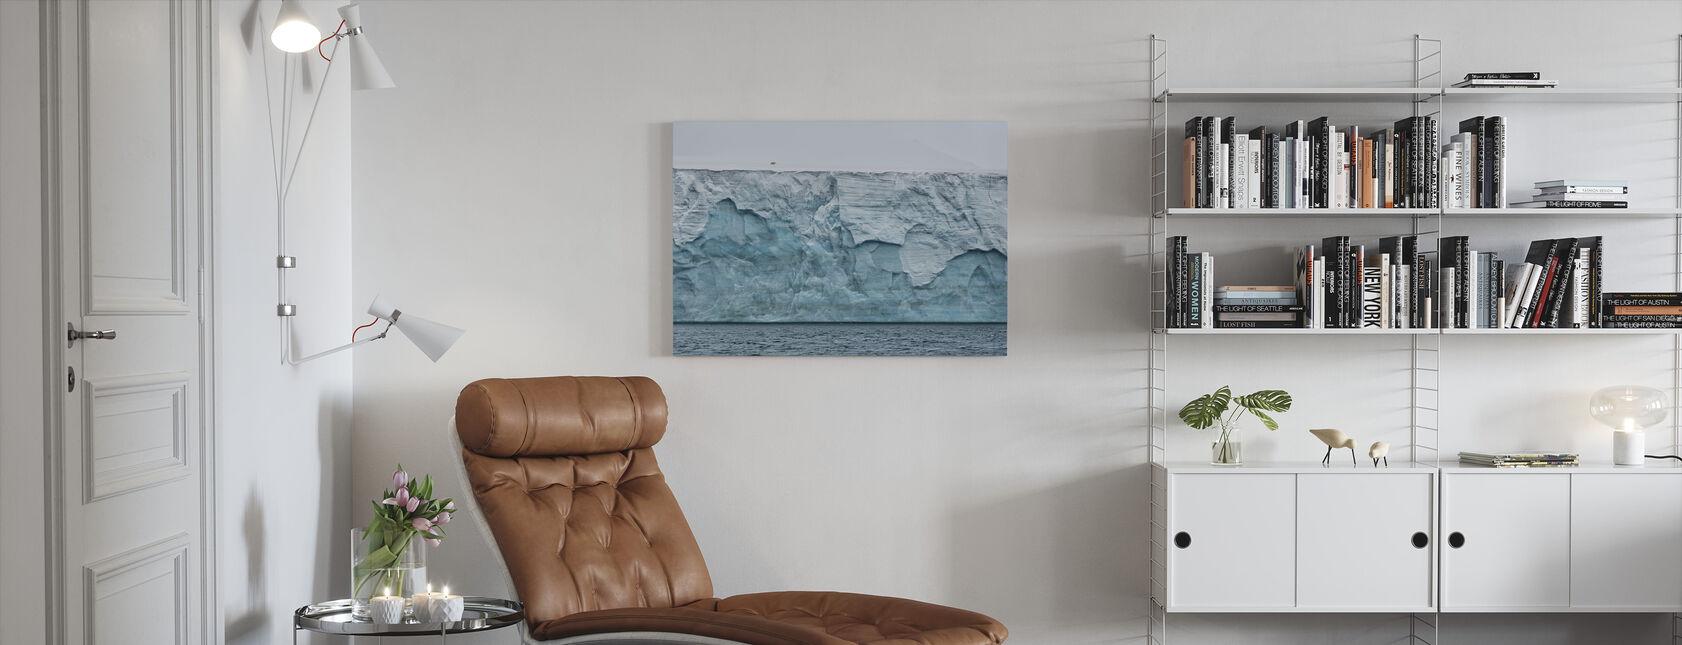 Yksinäinen Polarbear jäätikköllä - Canvastaulu - Olohuone